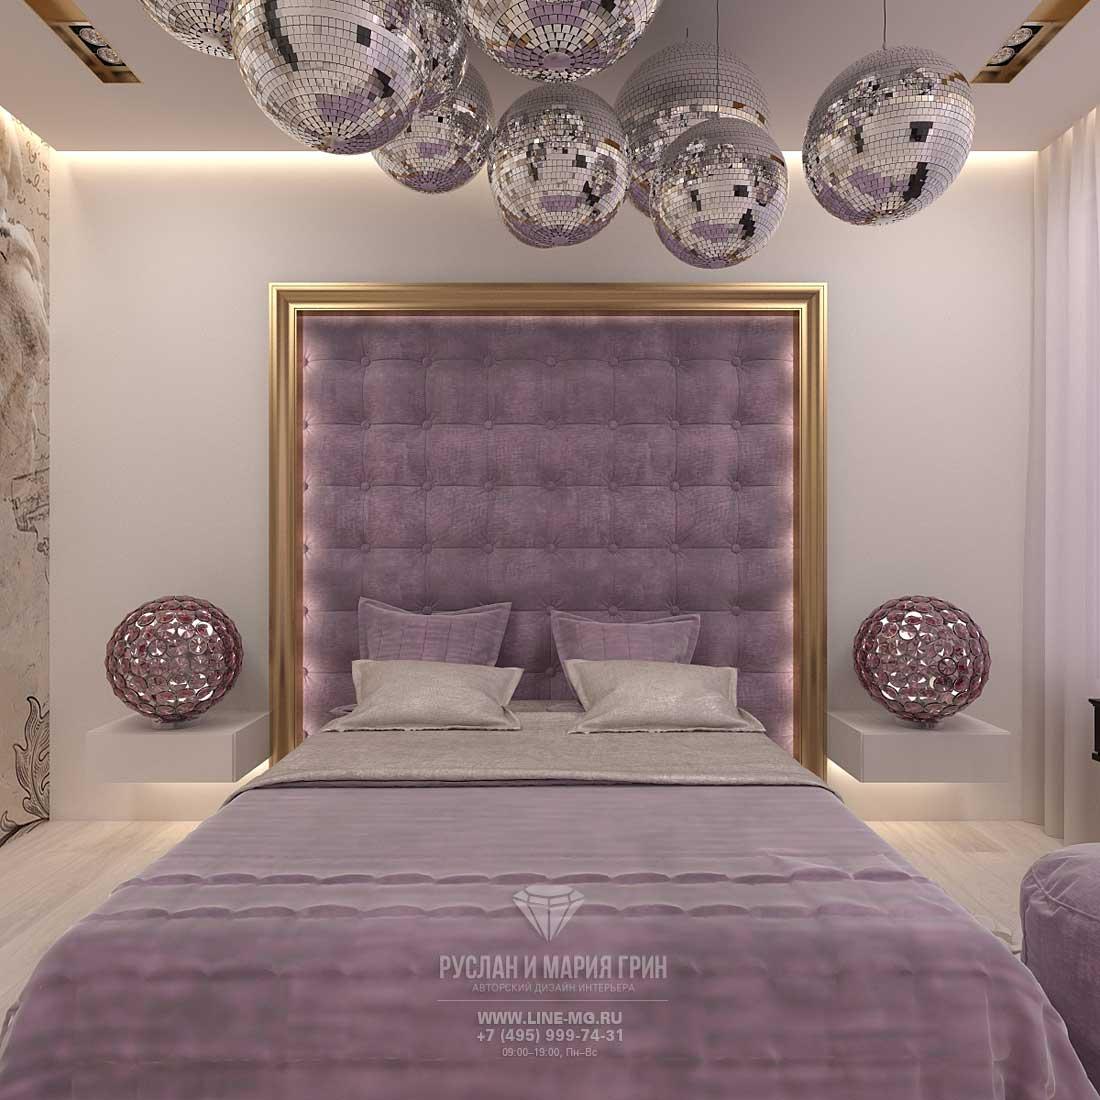 Дизайн красивой квартиры. Фото интерьера спальни в стиле арт-деко